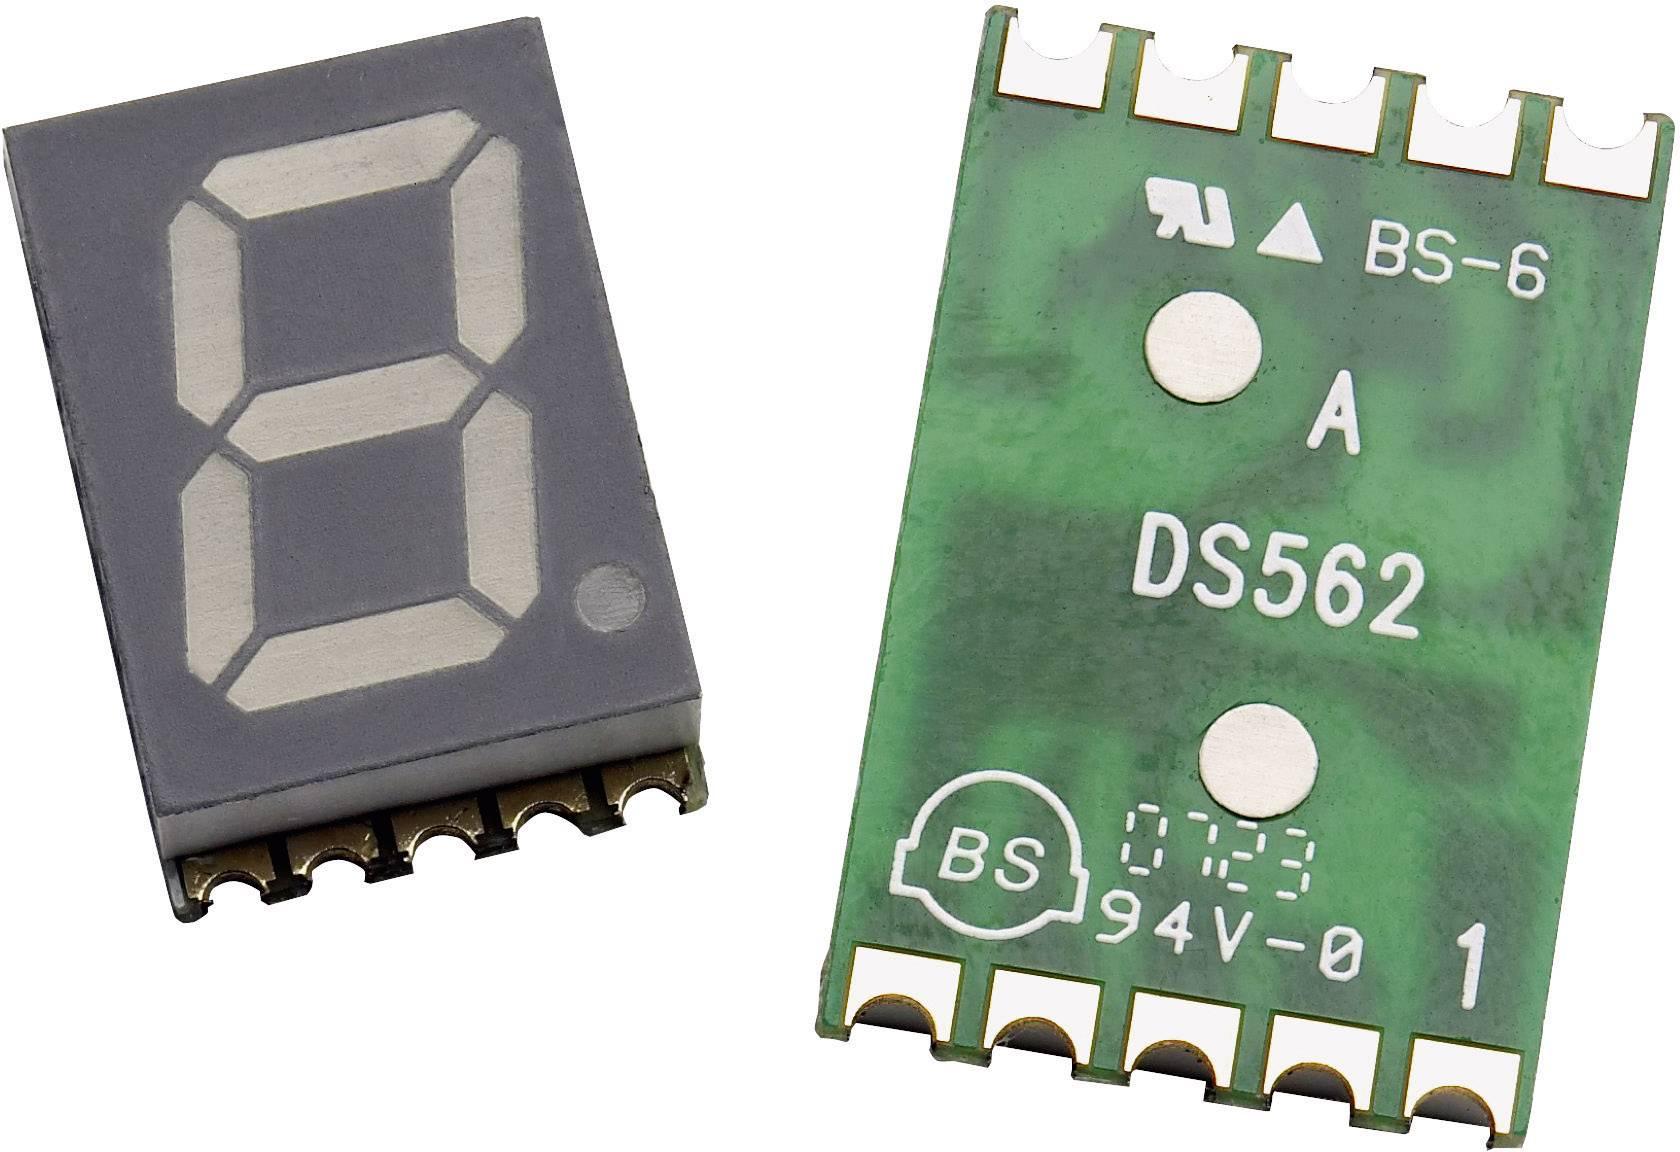 7-segmentový displej Broadcom HDSM-431H, číslic 1, 10 mm, 2.1 V, zelená